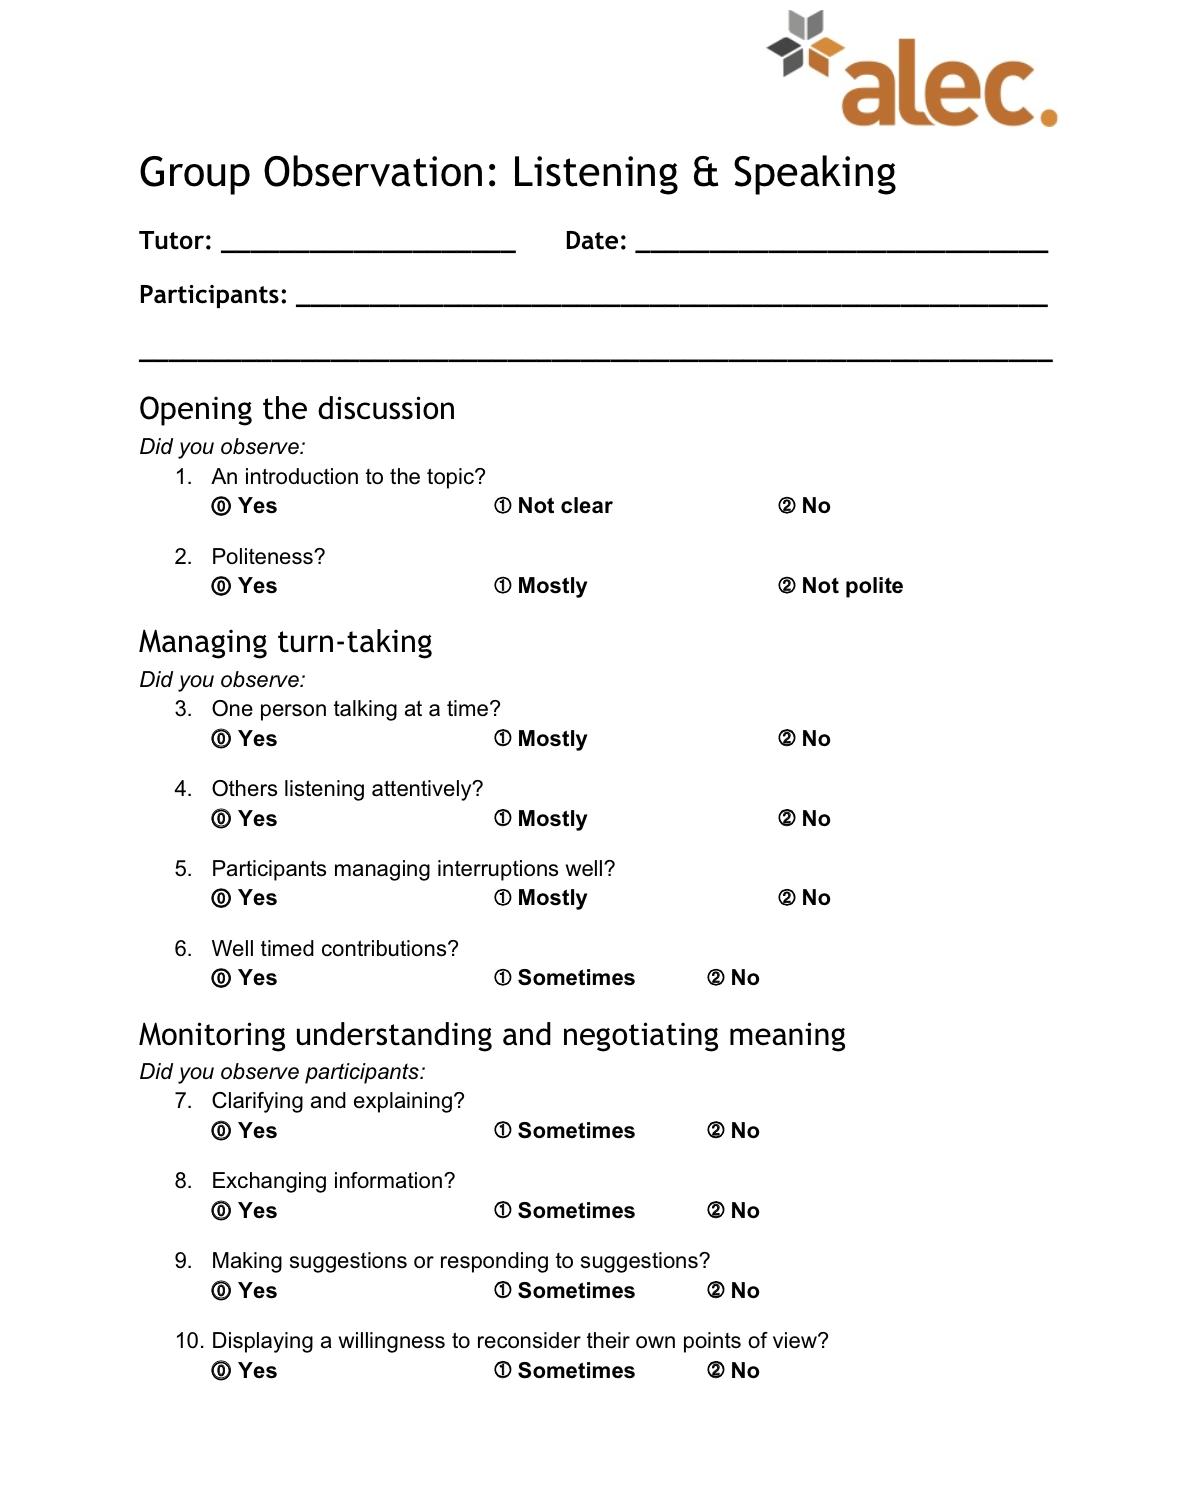 worksheet Workplace Numeracy Worksheets tutors thisisgraeme grouplsp1 grouplsp2